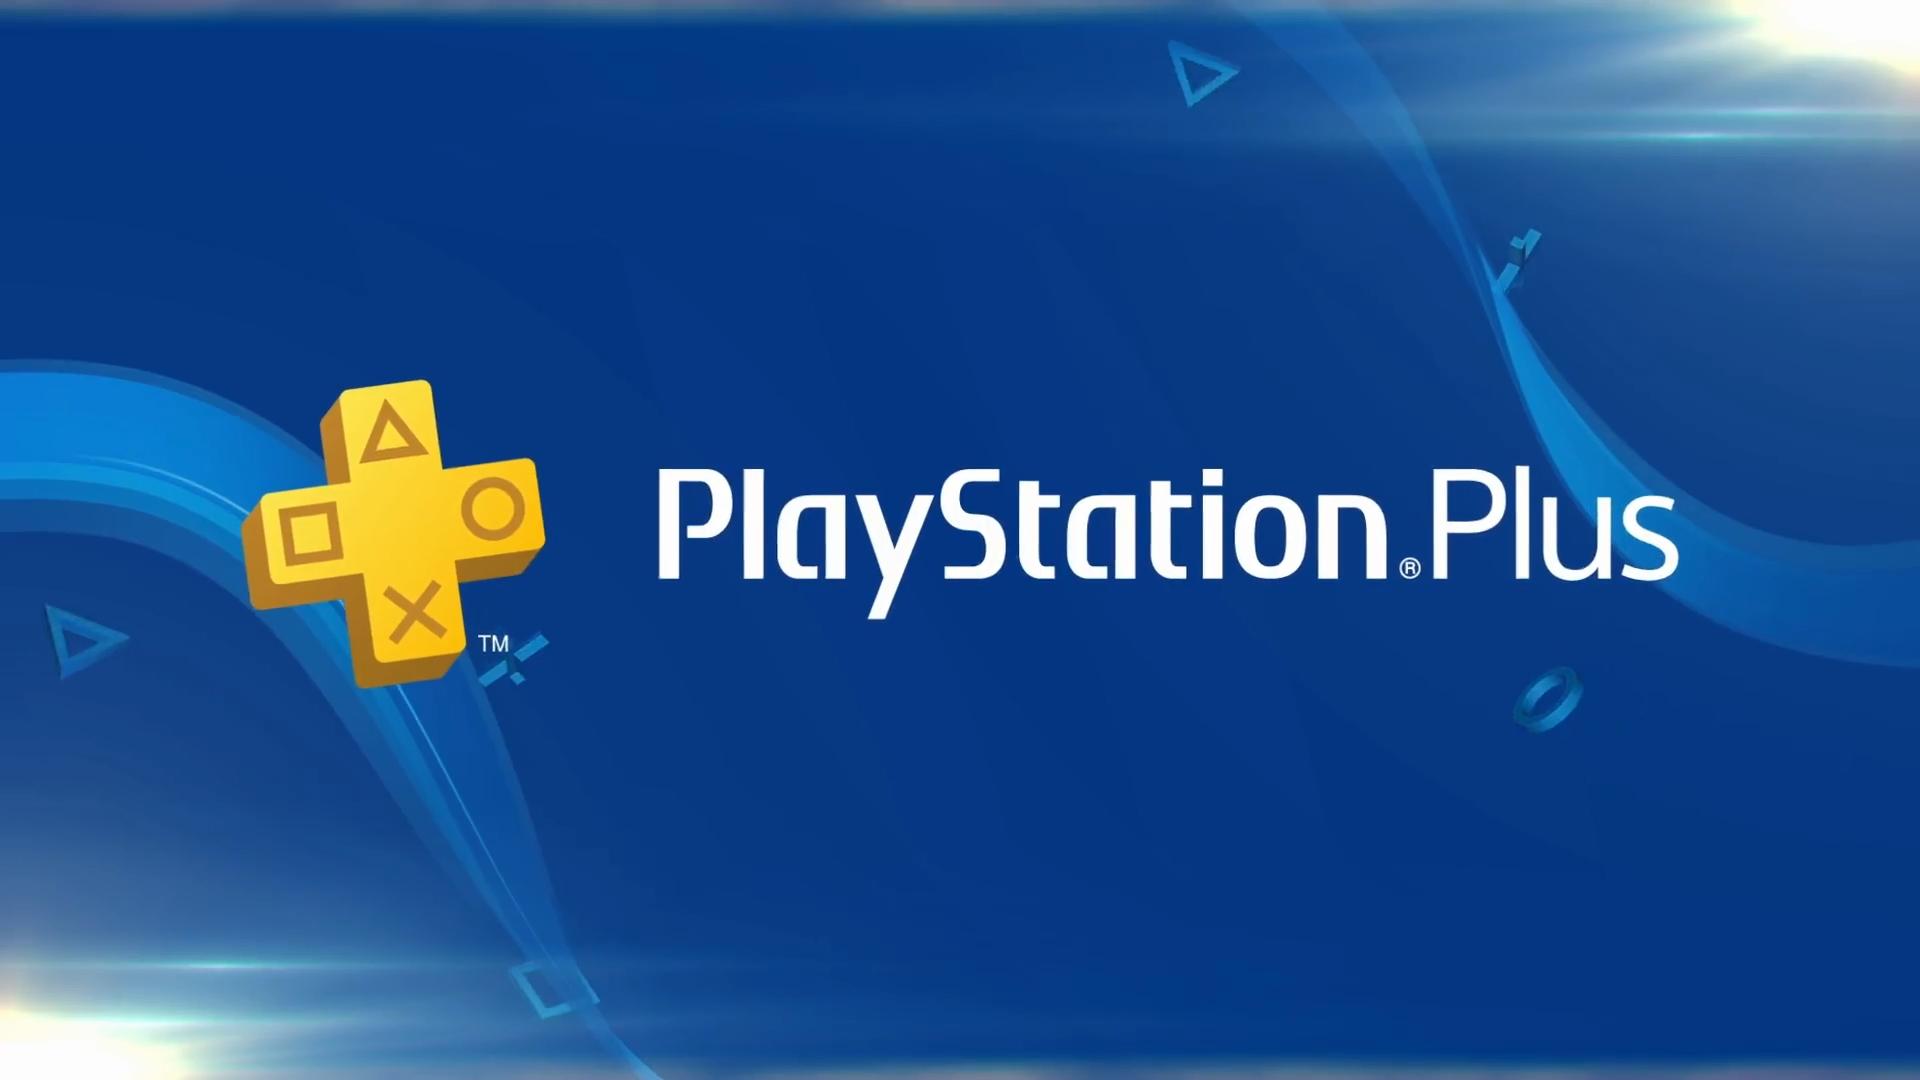 Los juegos gratis de PS Plus que llegaron en julio